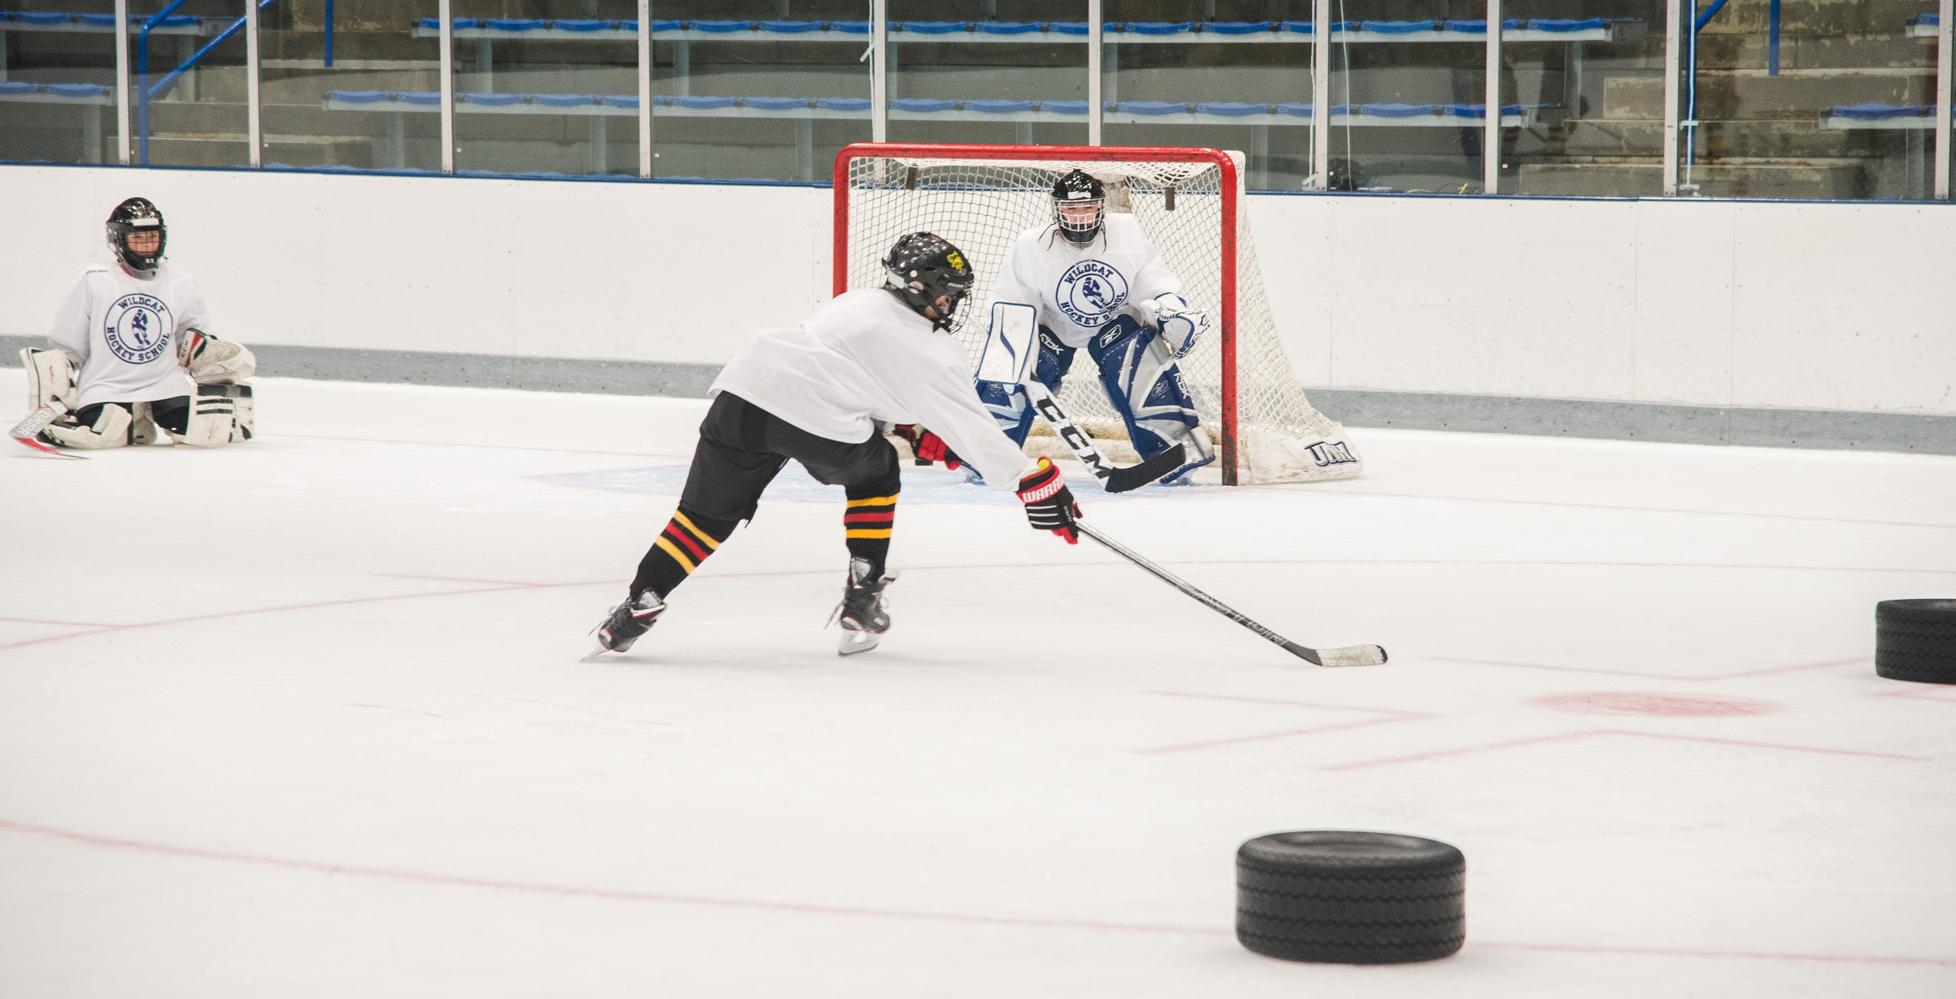 Player shooting puck at UNH Hockey Camp